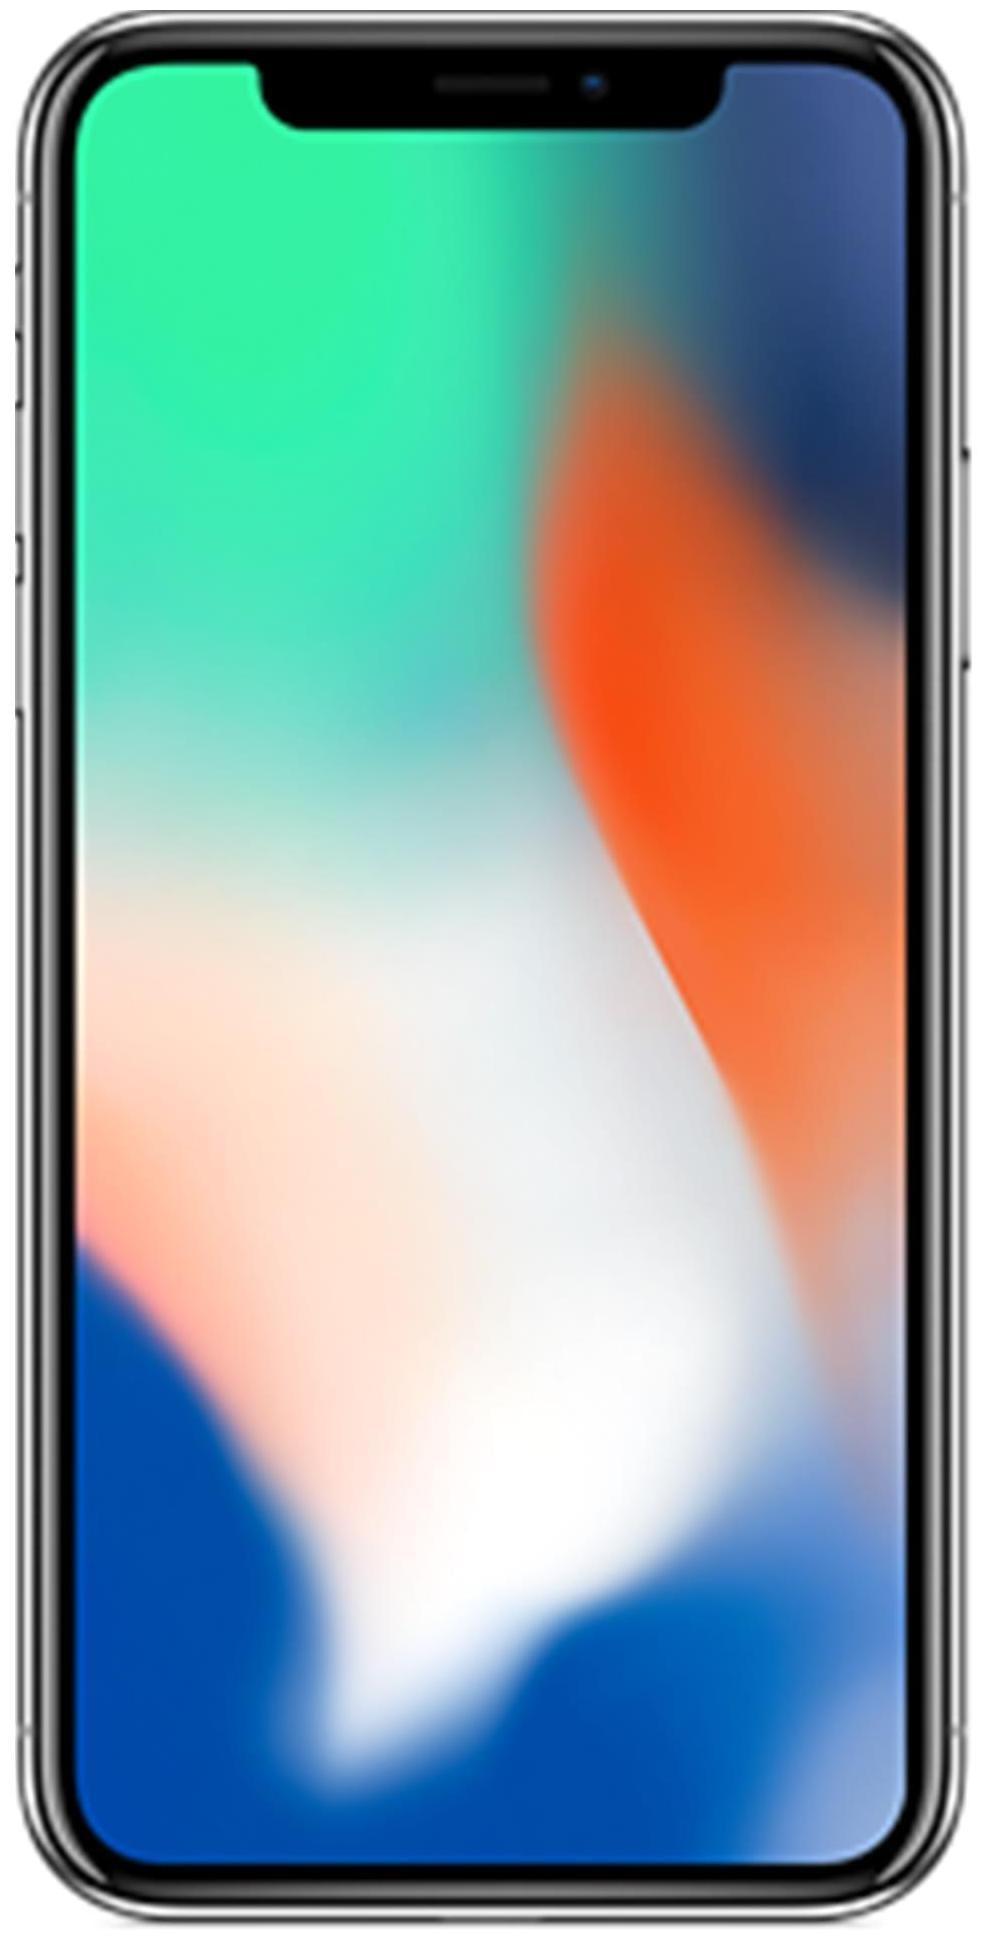 एप्पल आईफ़ोन एक्स 64 जीबी (सिल्वर)